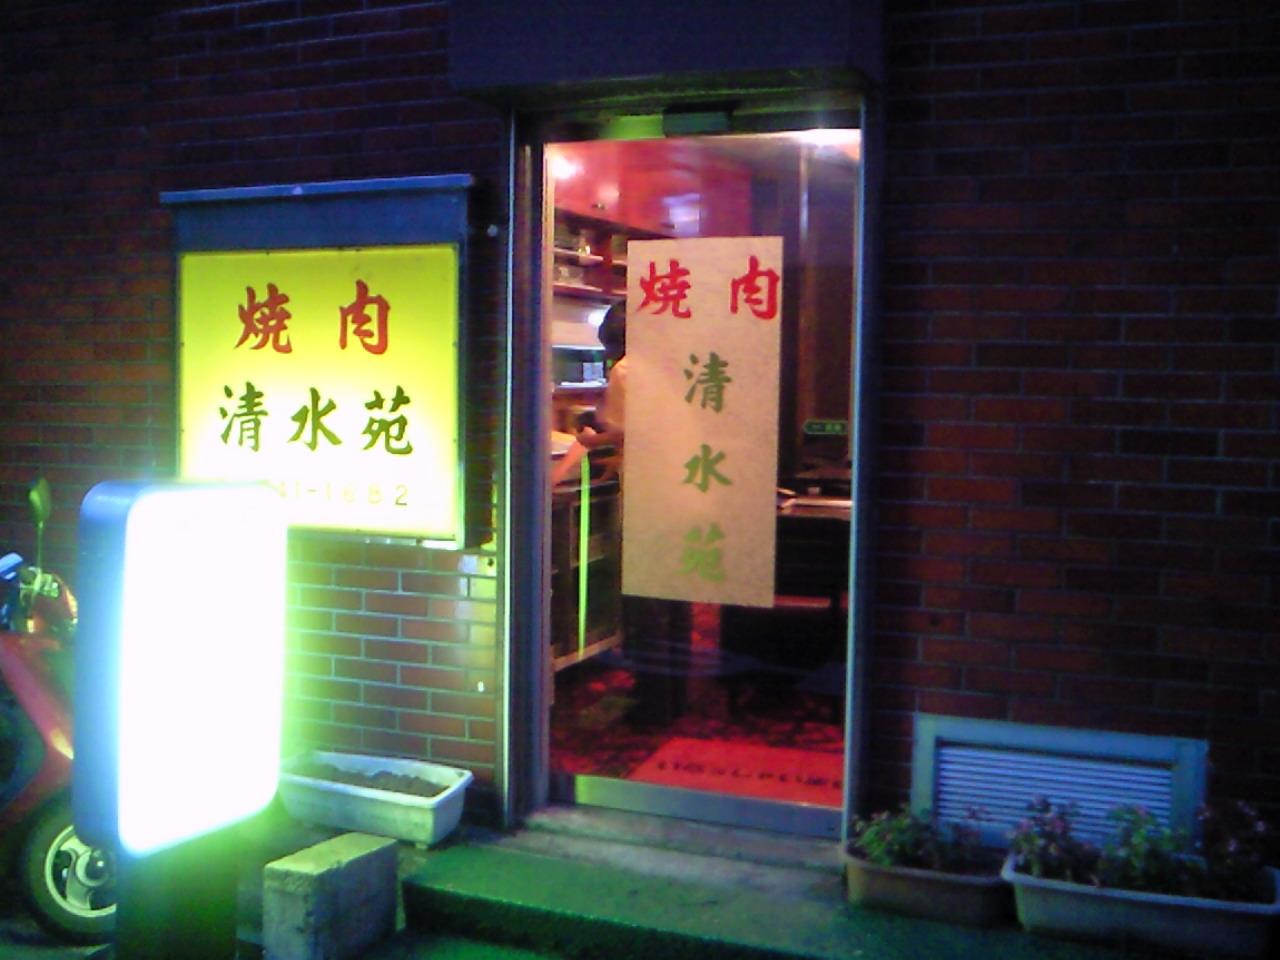 清水苑 井土ヶ谷店